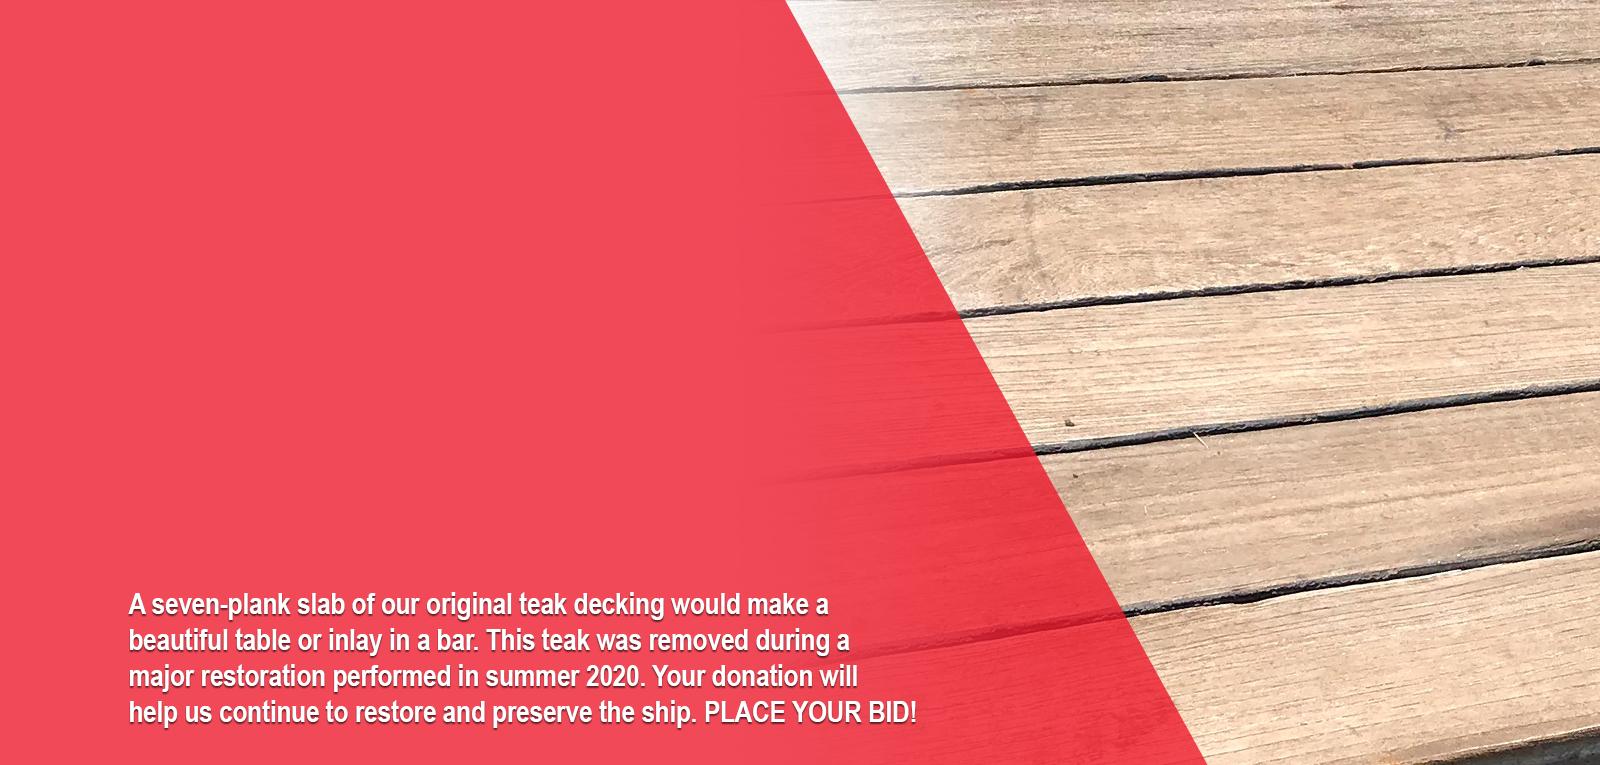 Teak Deck Auction